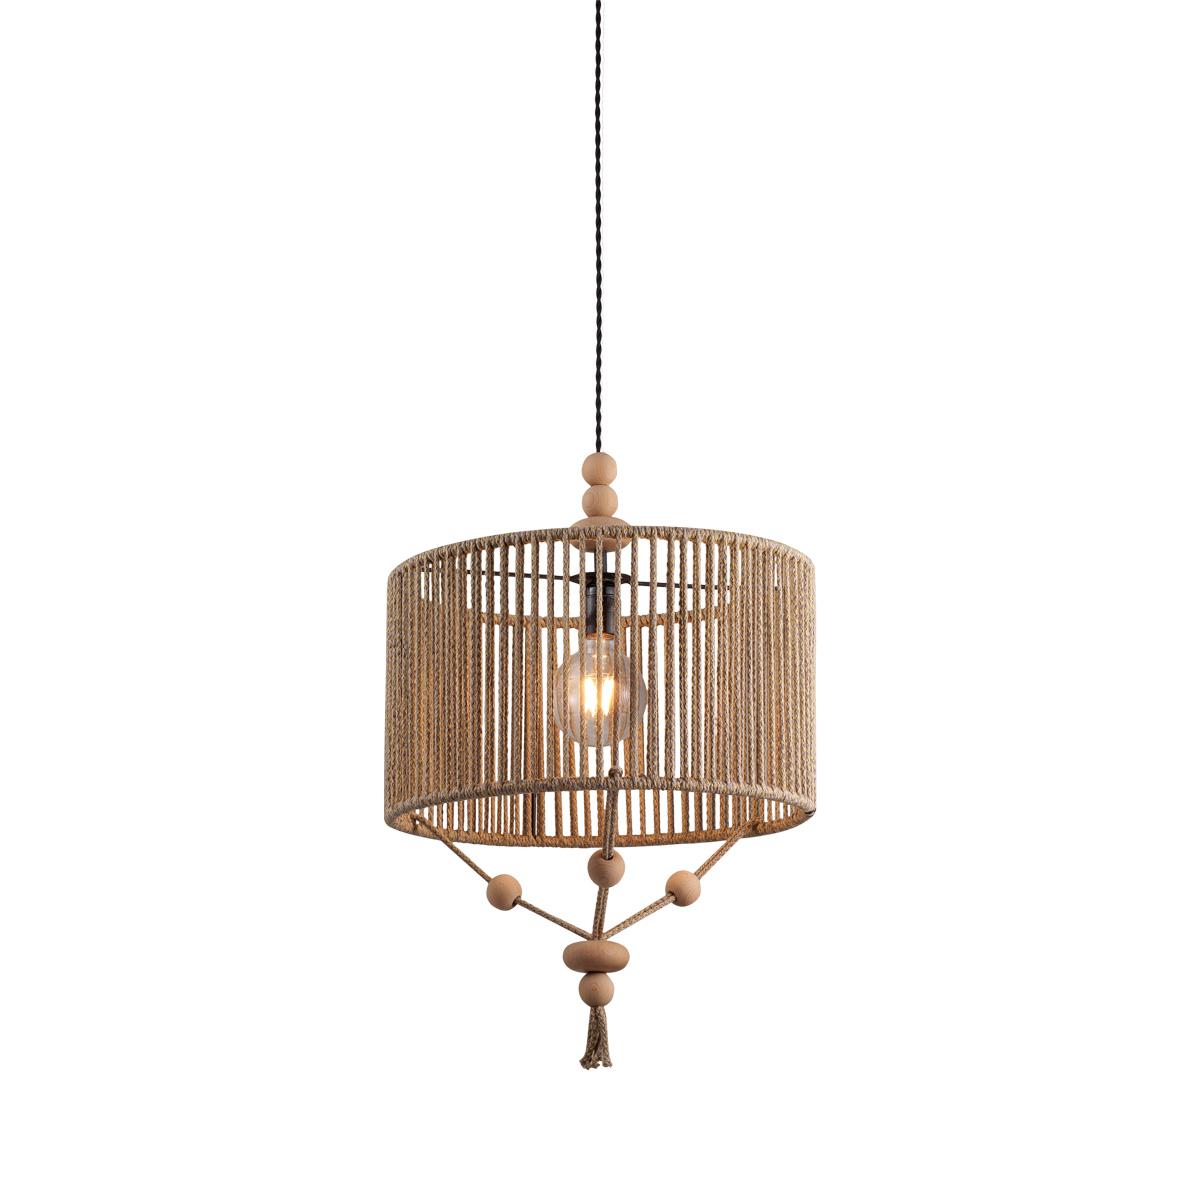 Φωτιστικό από υφασμάτινο κορδόνι KELLY rope-woven light fixture